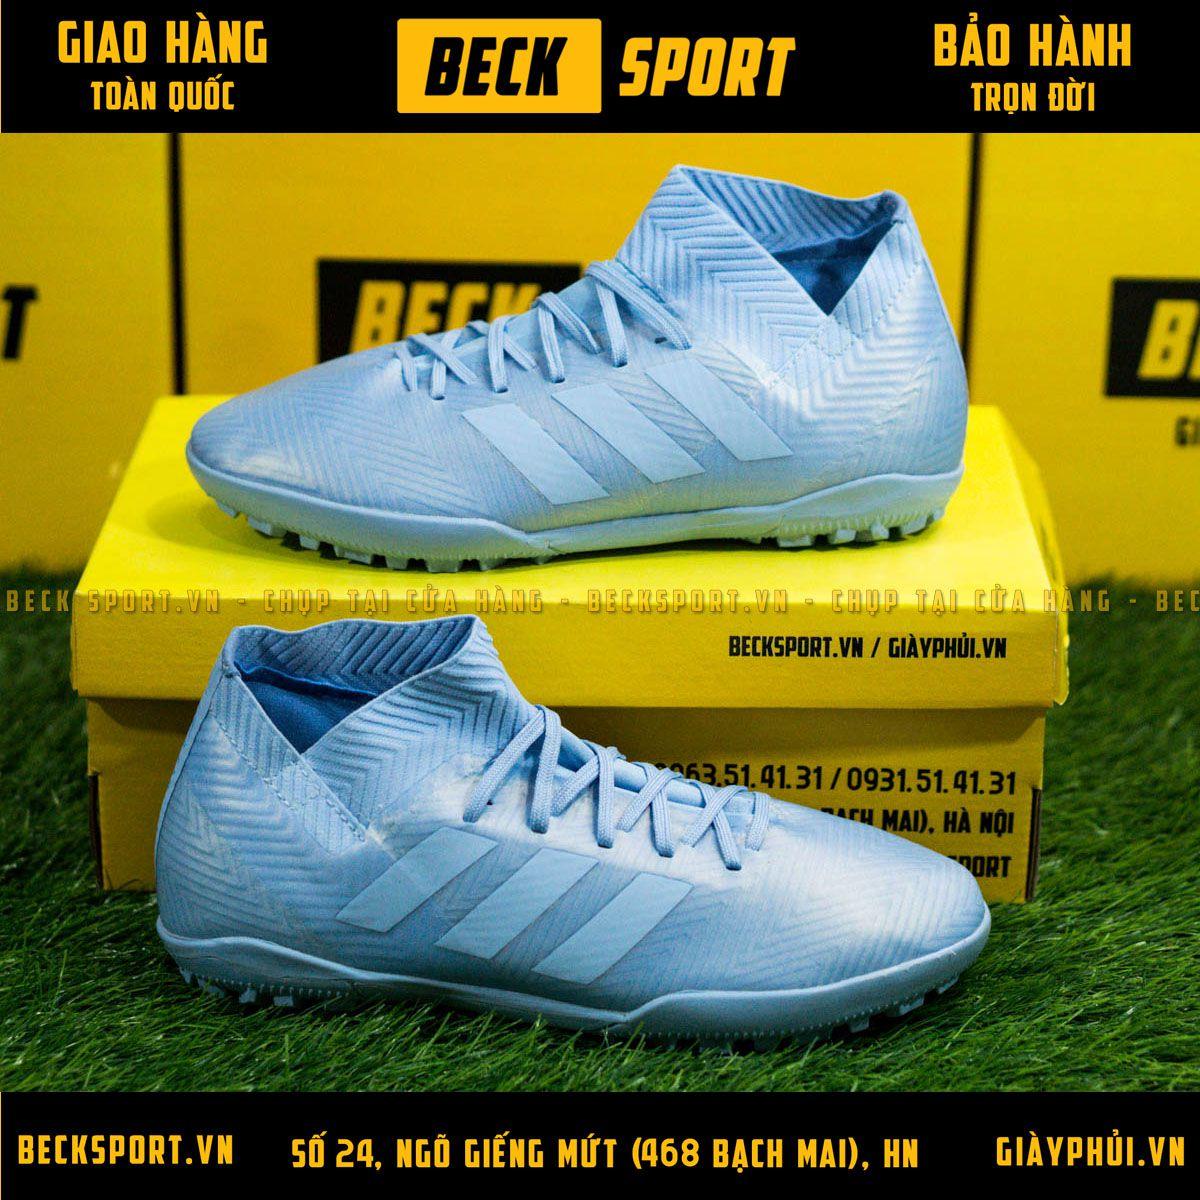 Giày Bóng Đá Adidas Nemeziz 18.3 Xanh Ngọc Cổ Chéo V2 TF